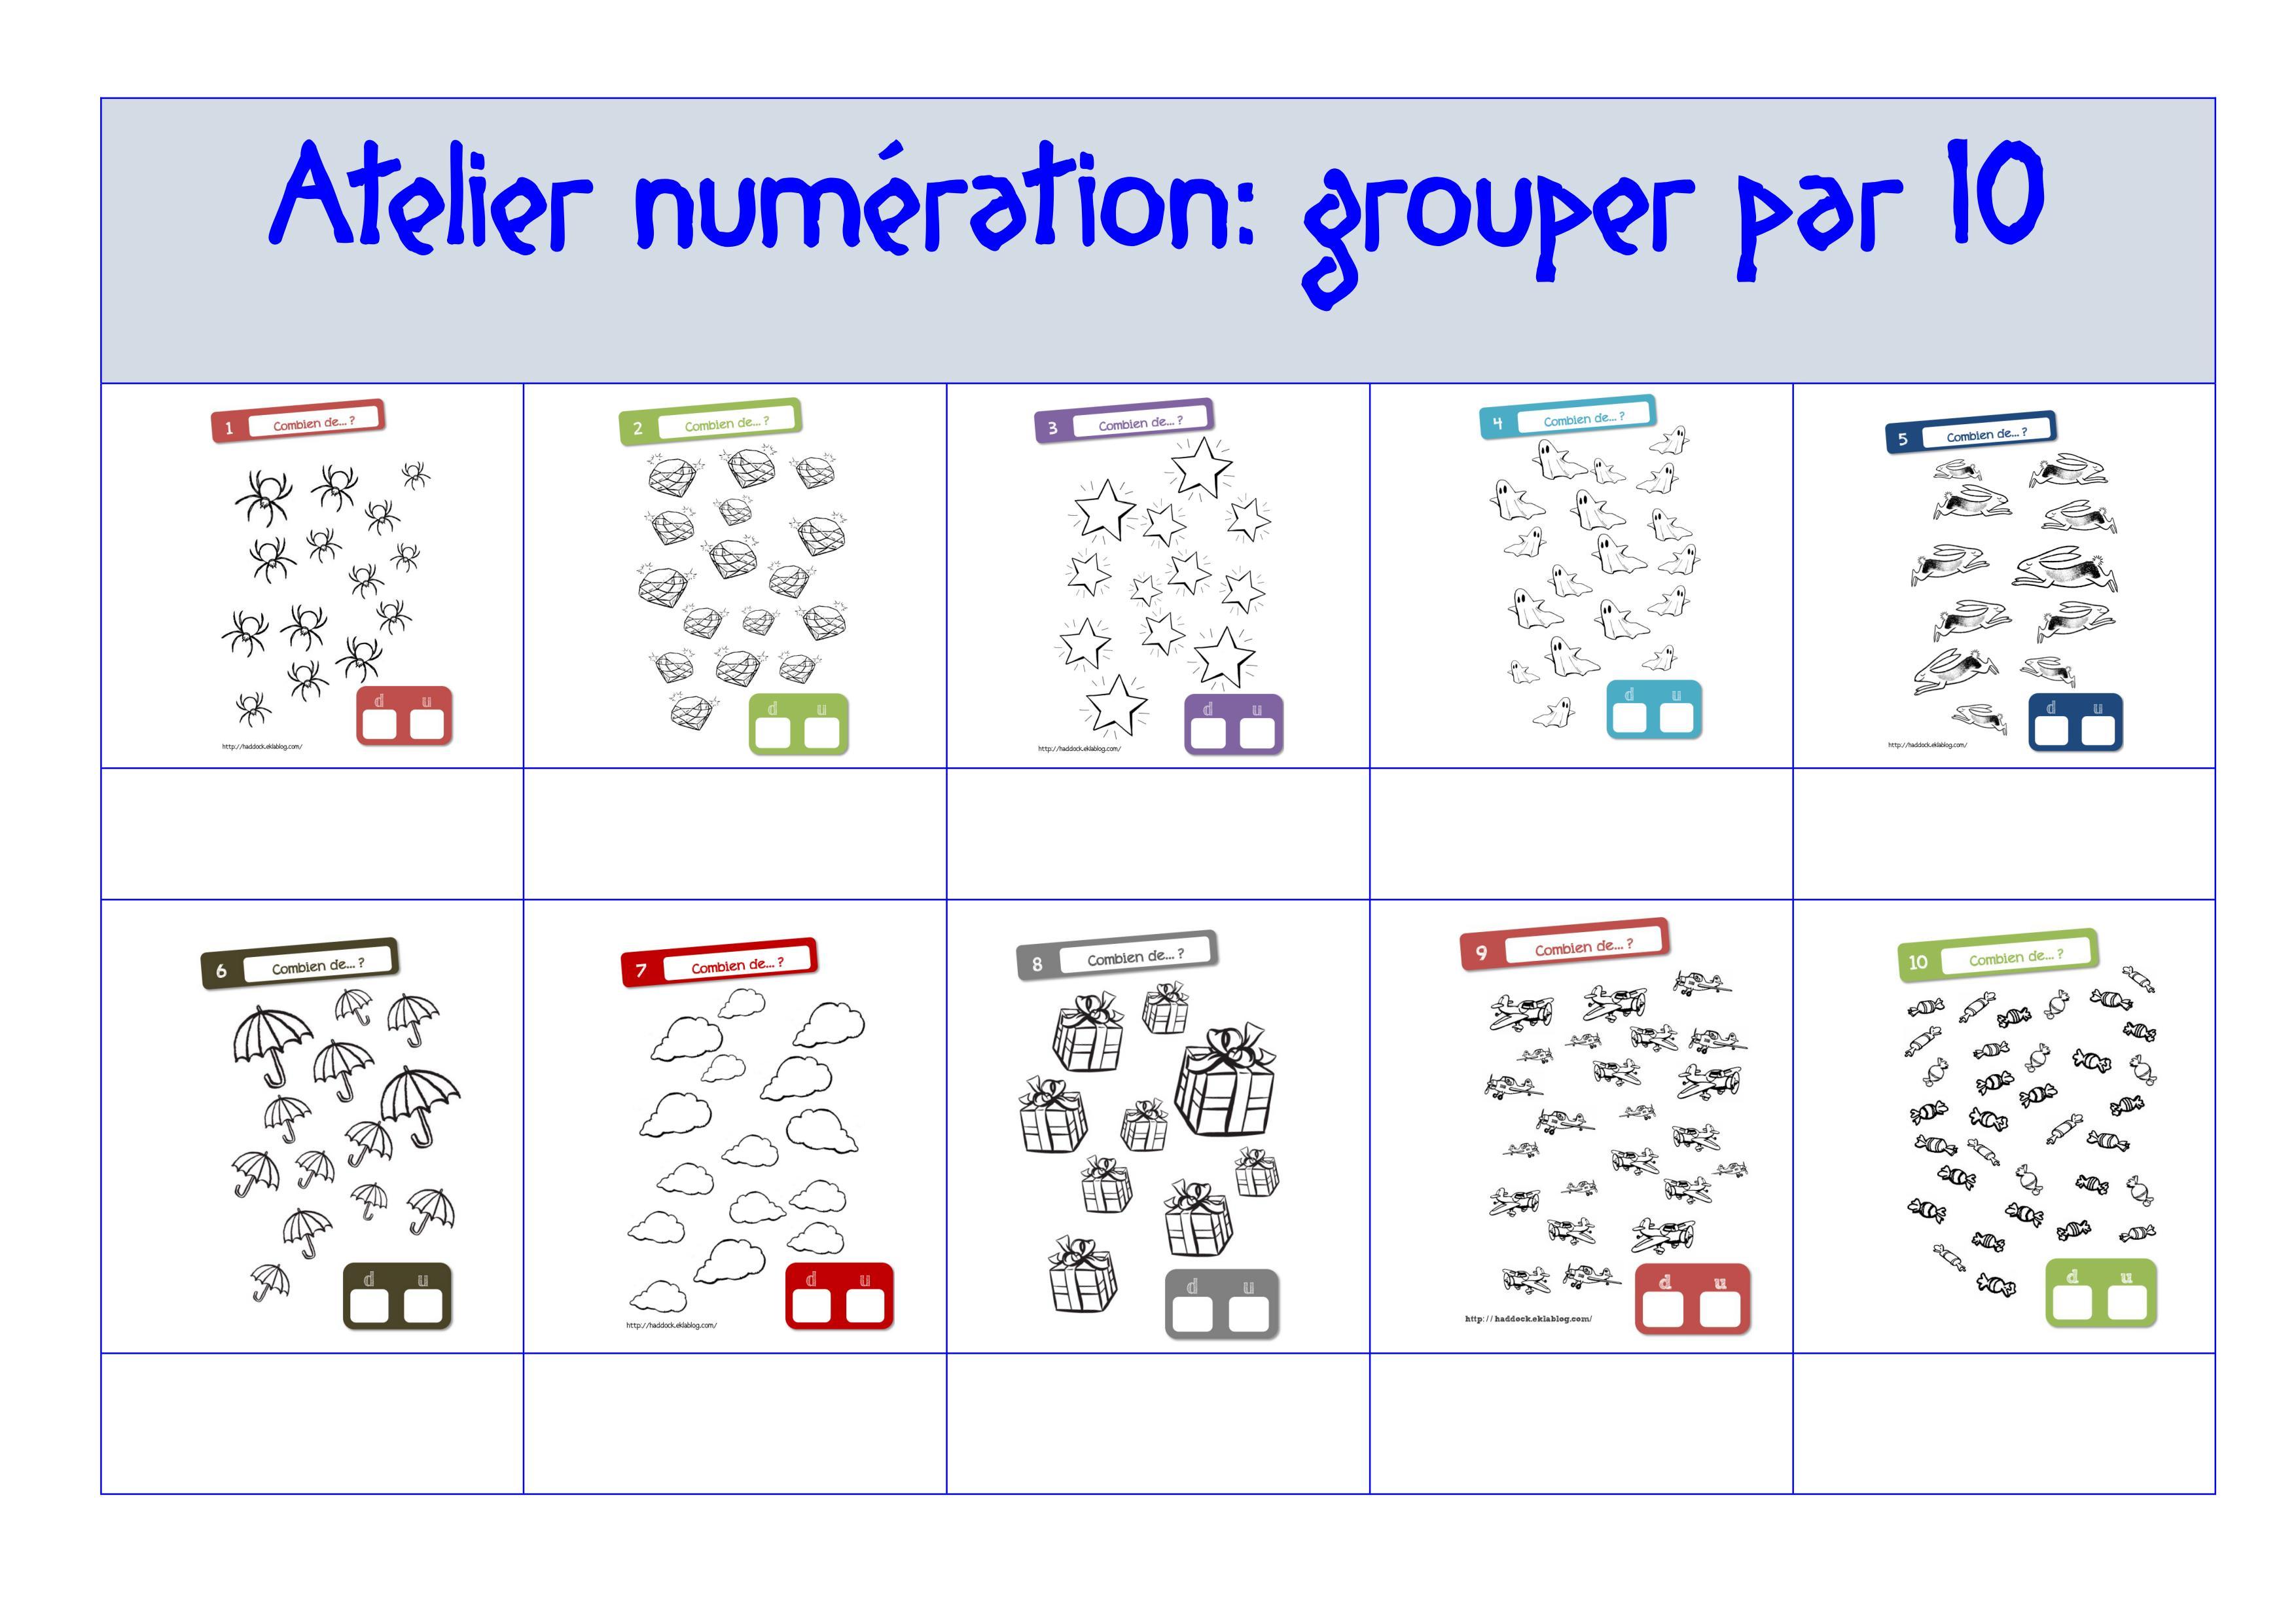 Exercice En Math Sur Le Volcan Islandais Eyjafjallaj Ef Bf Bdkull